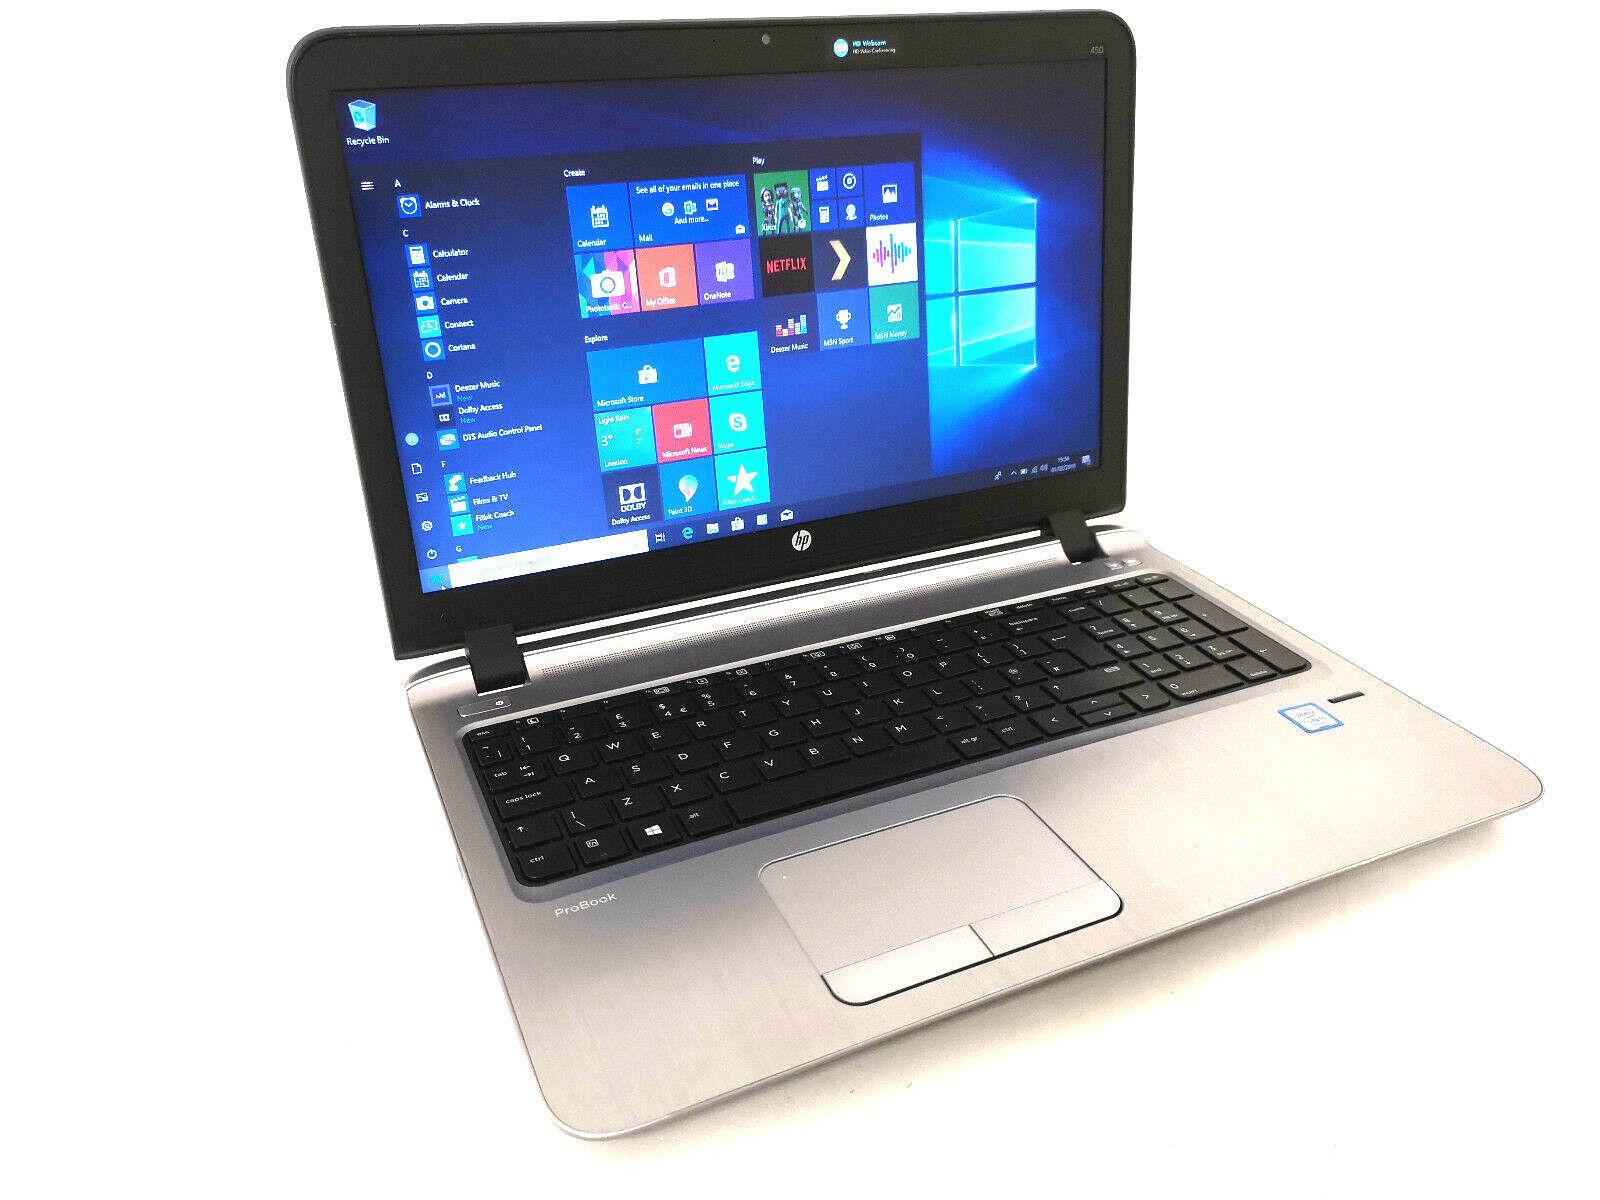 HP-Probook-450-G2 - 134326